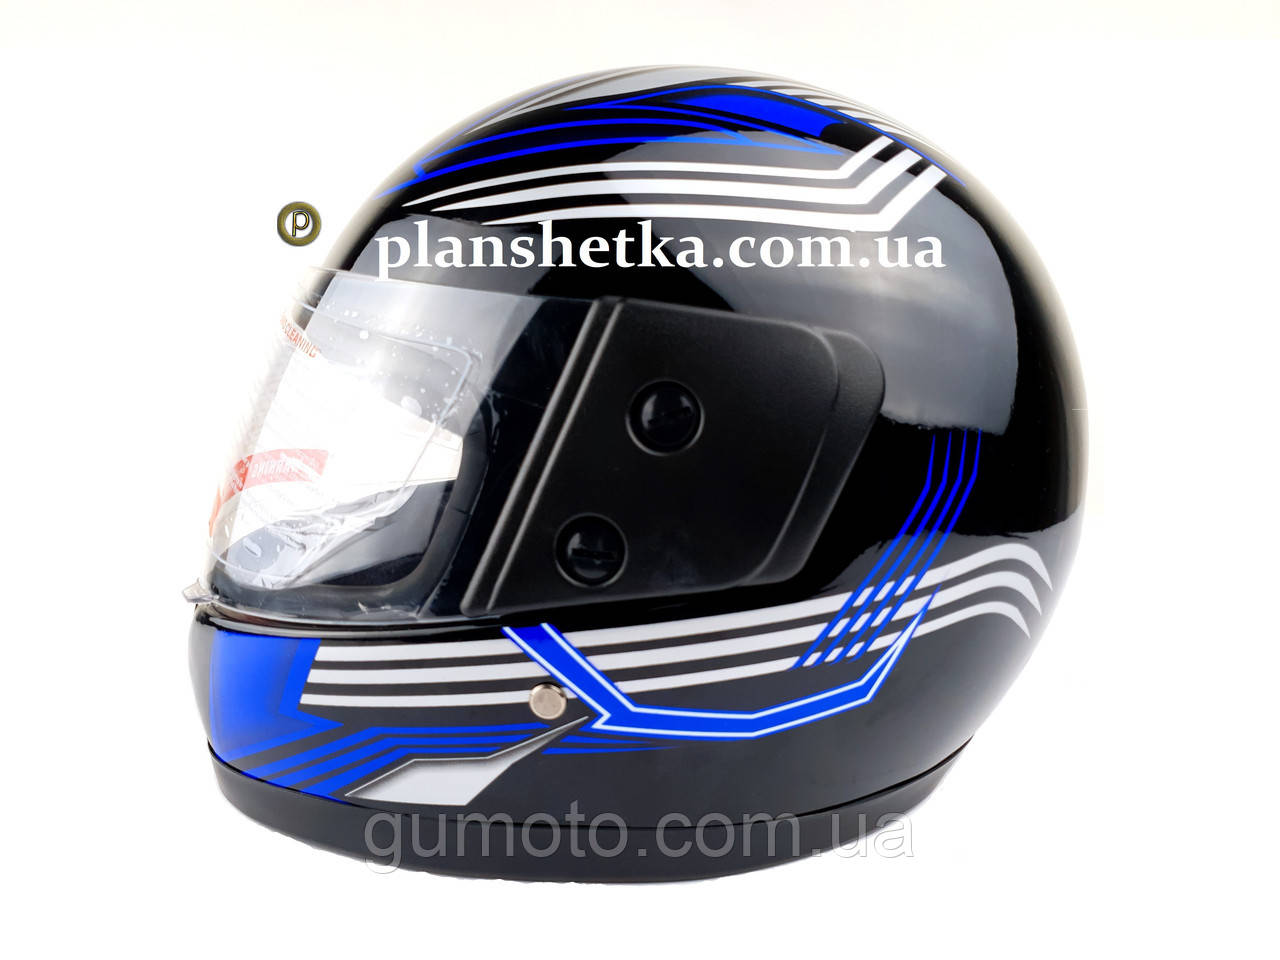 Шлем для мотоцикла F2 черный глянец с синей полосой (model 502)